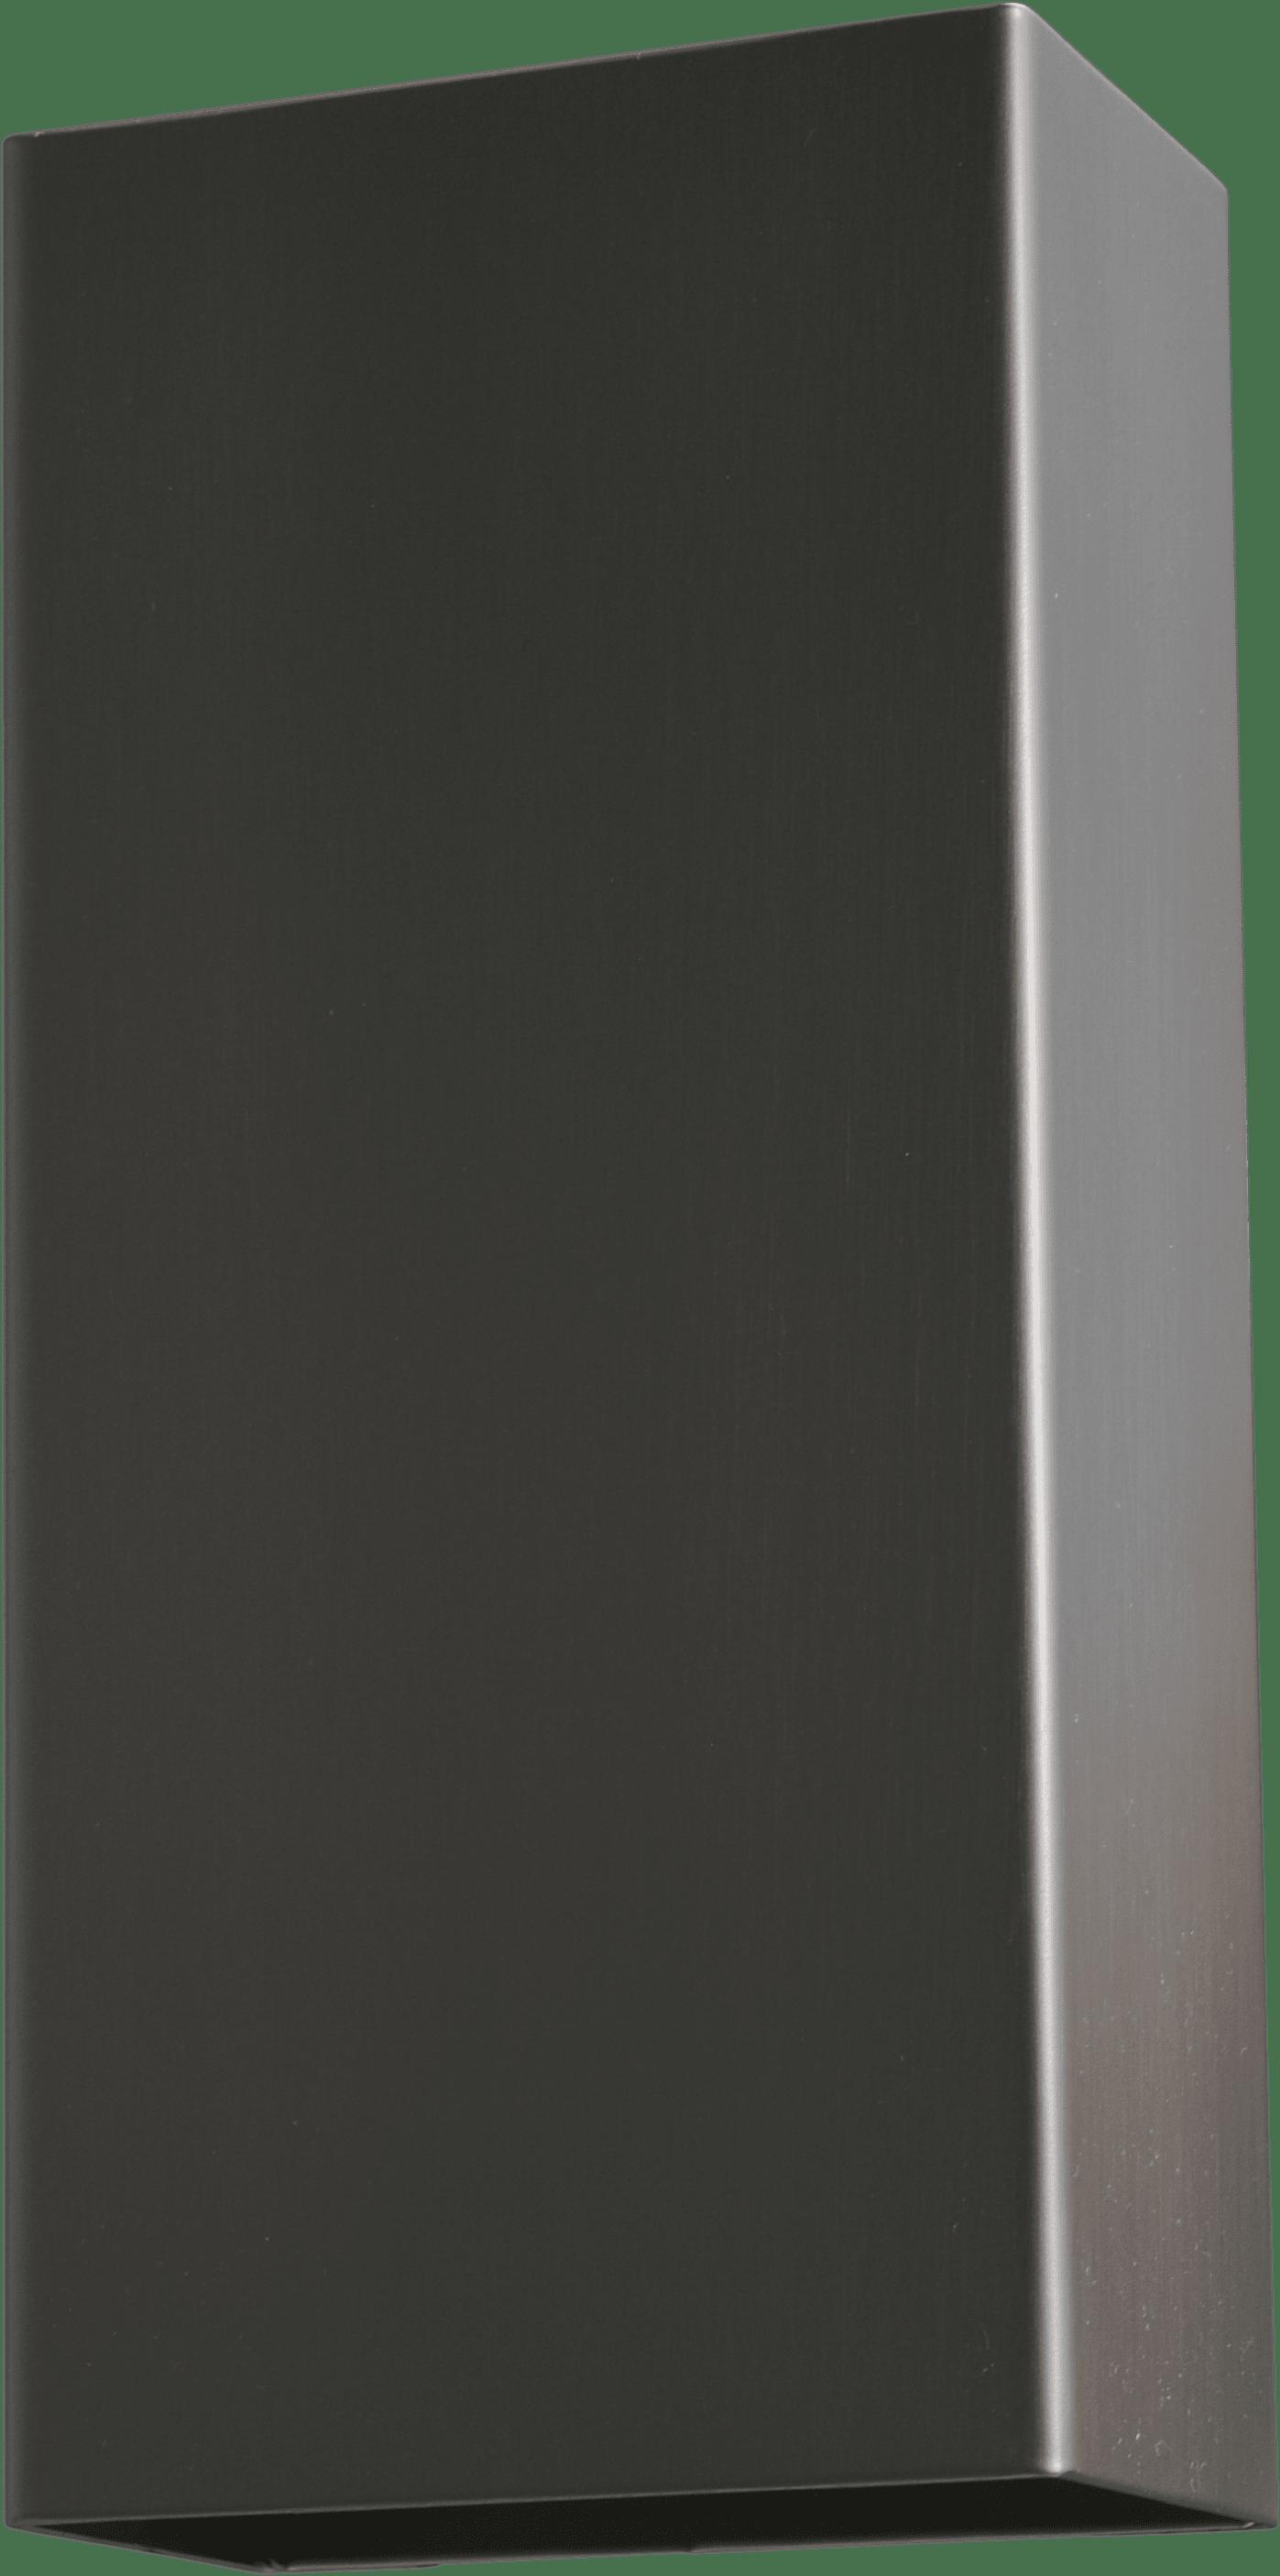 Metallico WL METALLICO NICKEL MATT 22X10CM